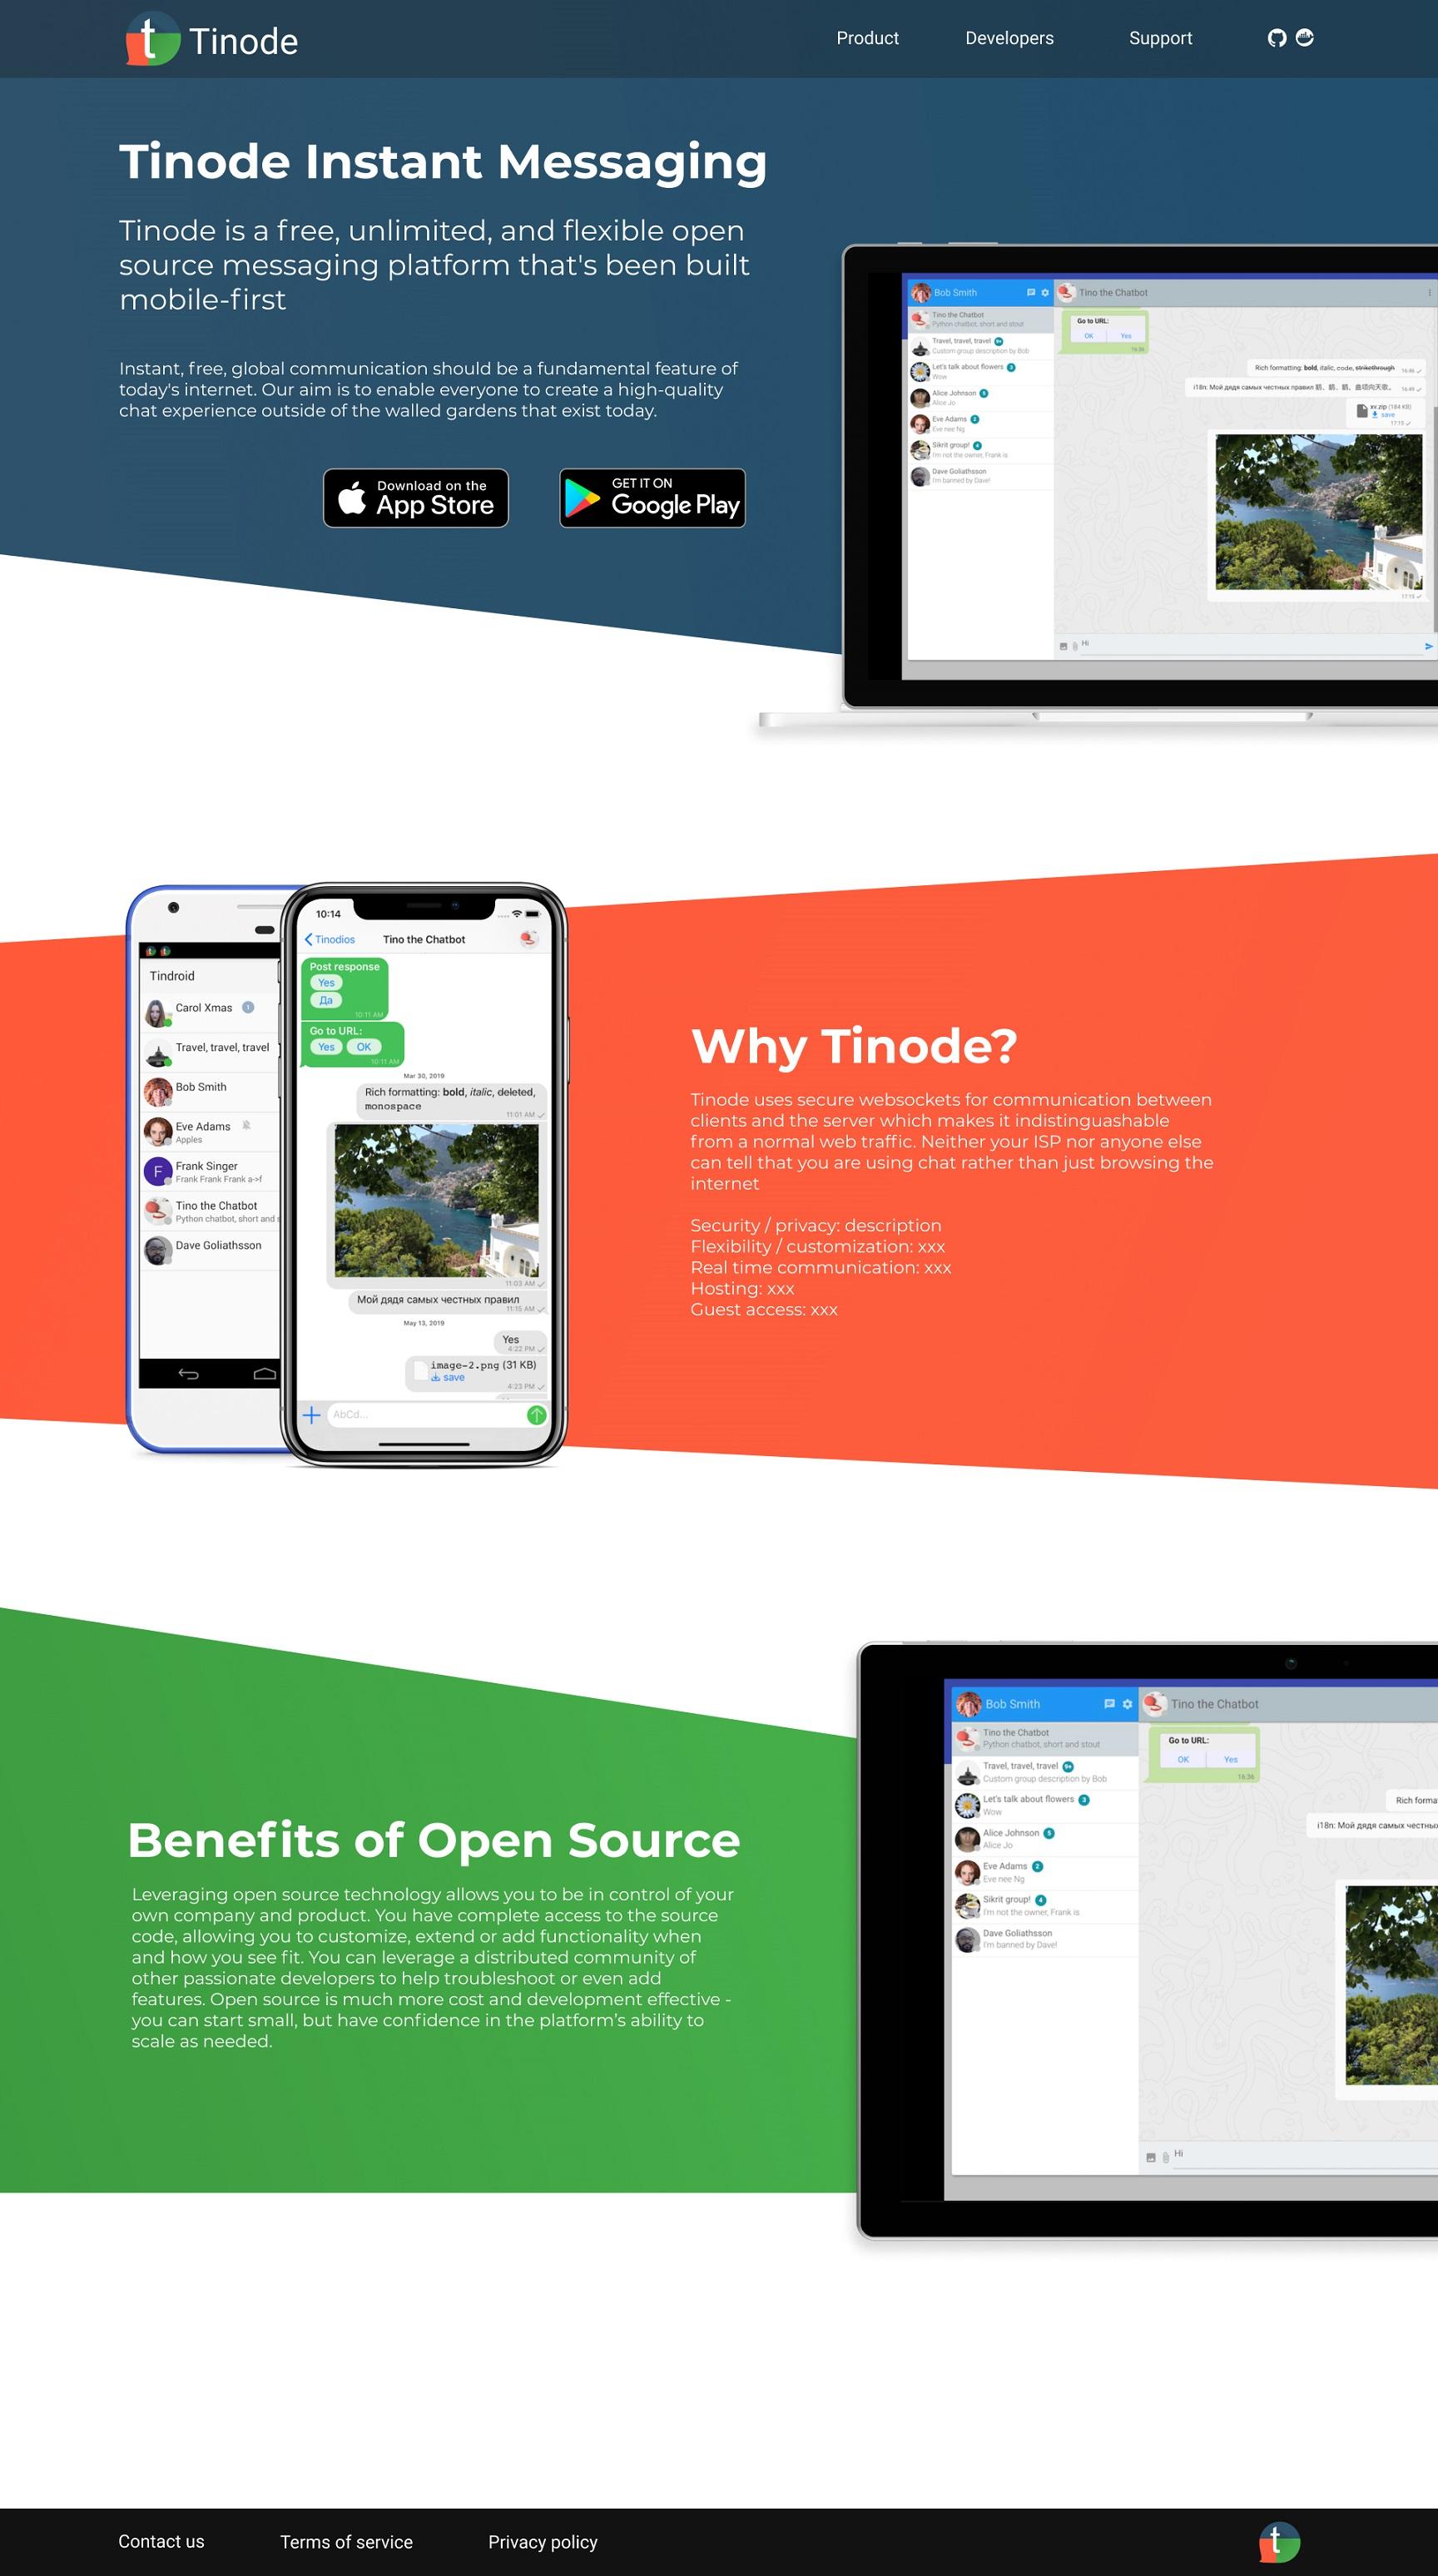 Дизайн сайта tinode.co фото f_7655d7238a9f21b8.jpg